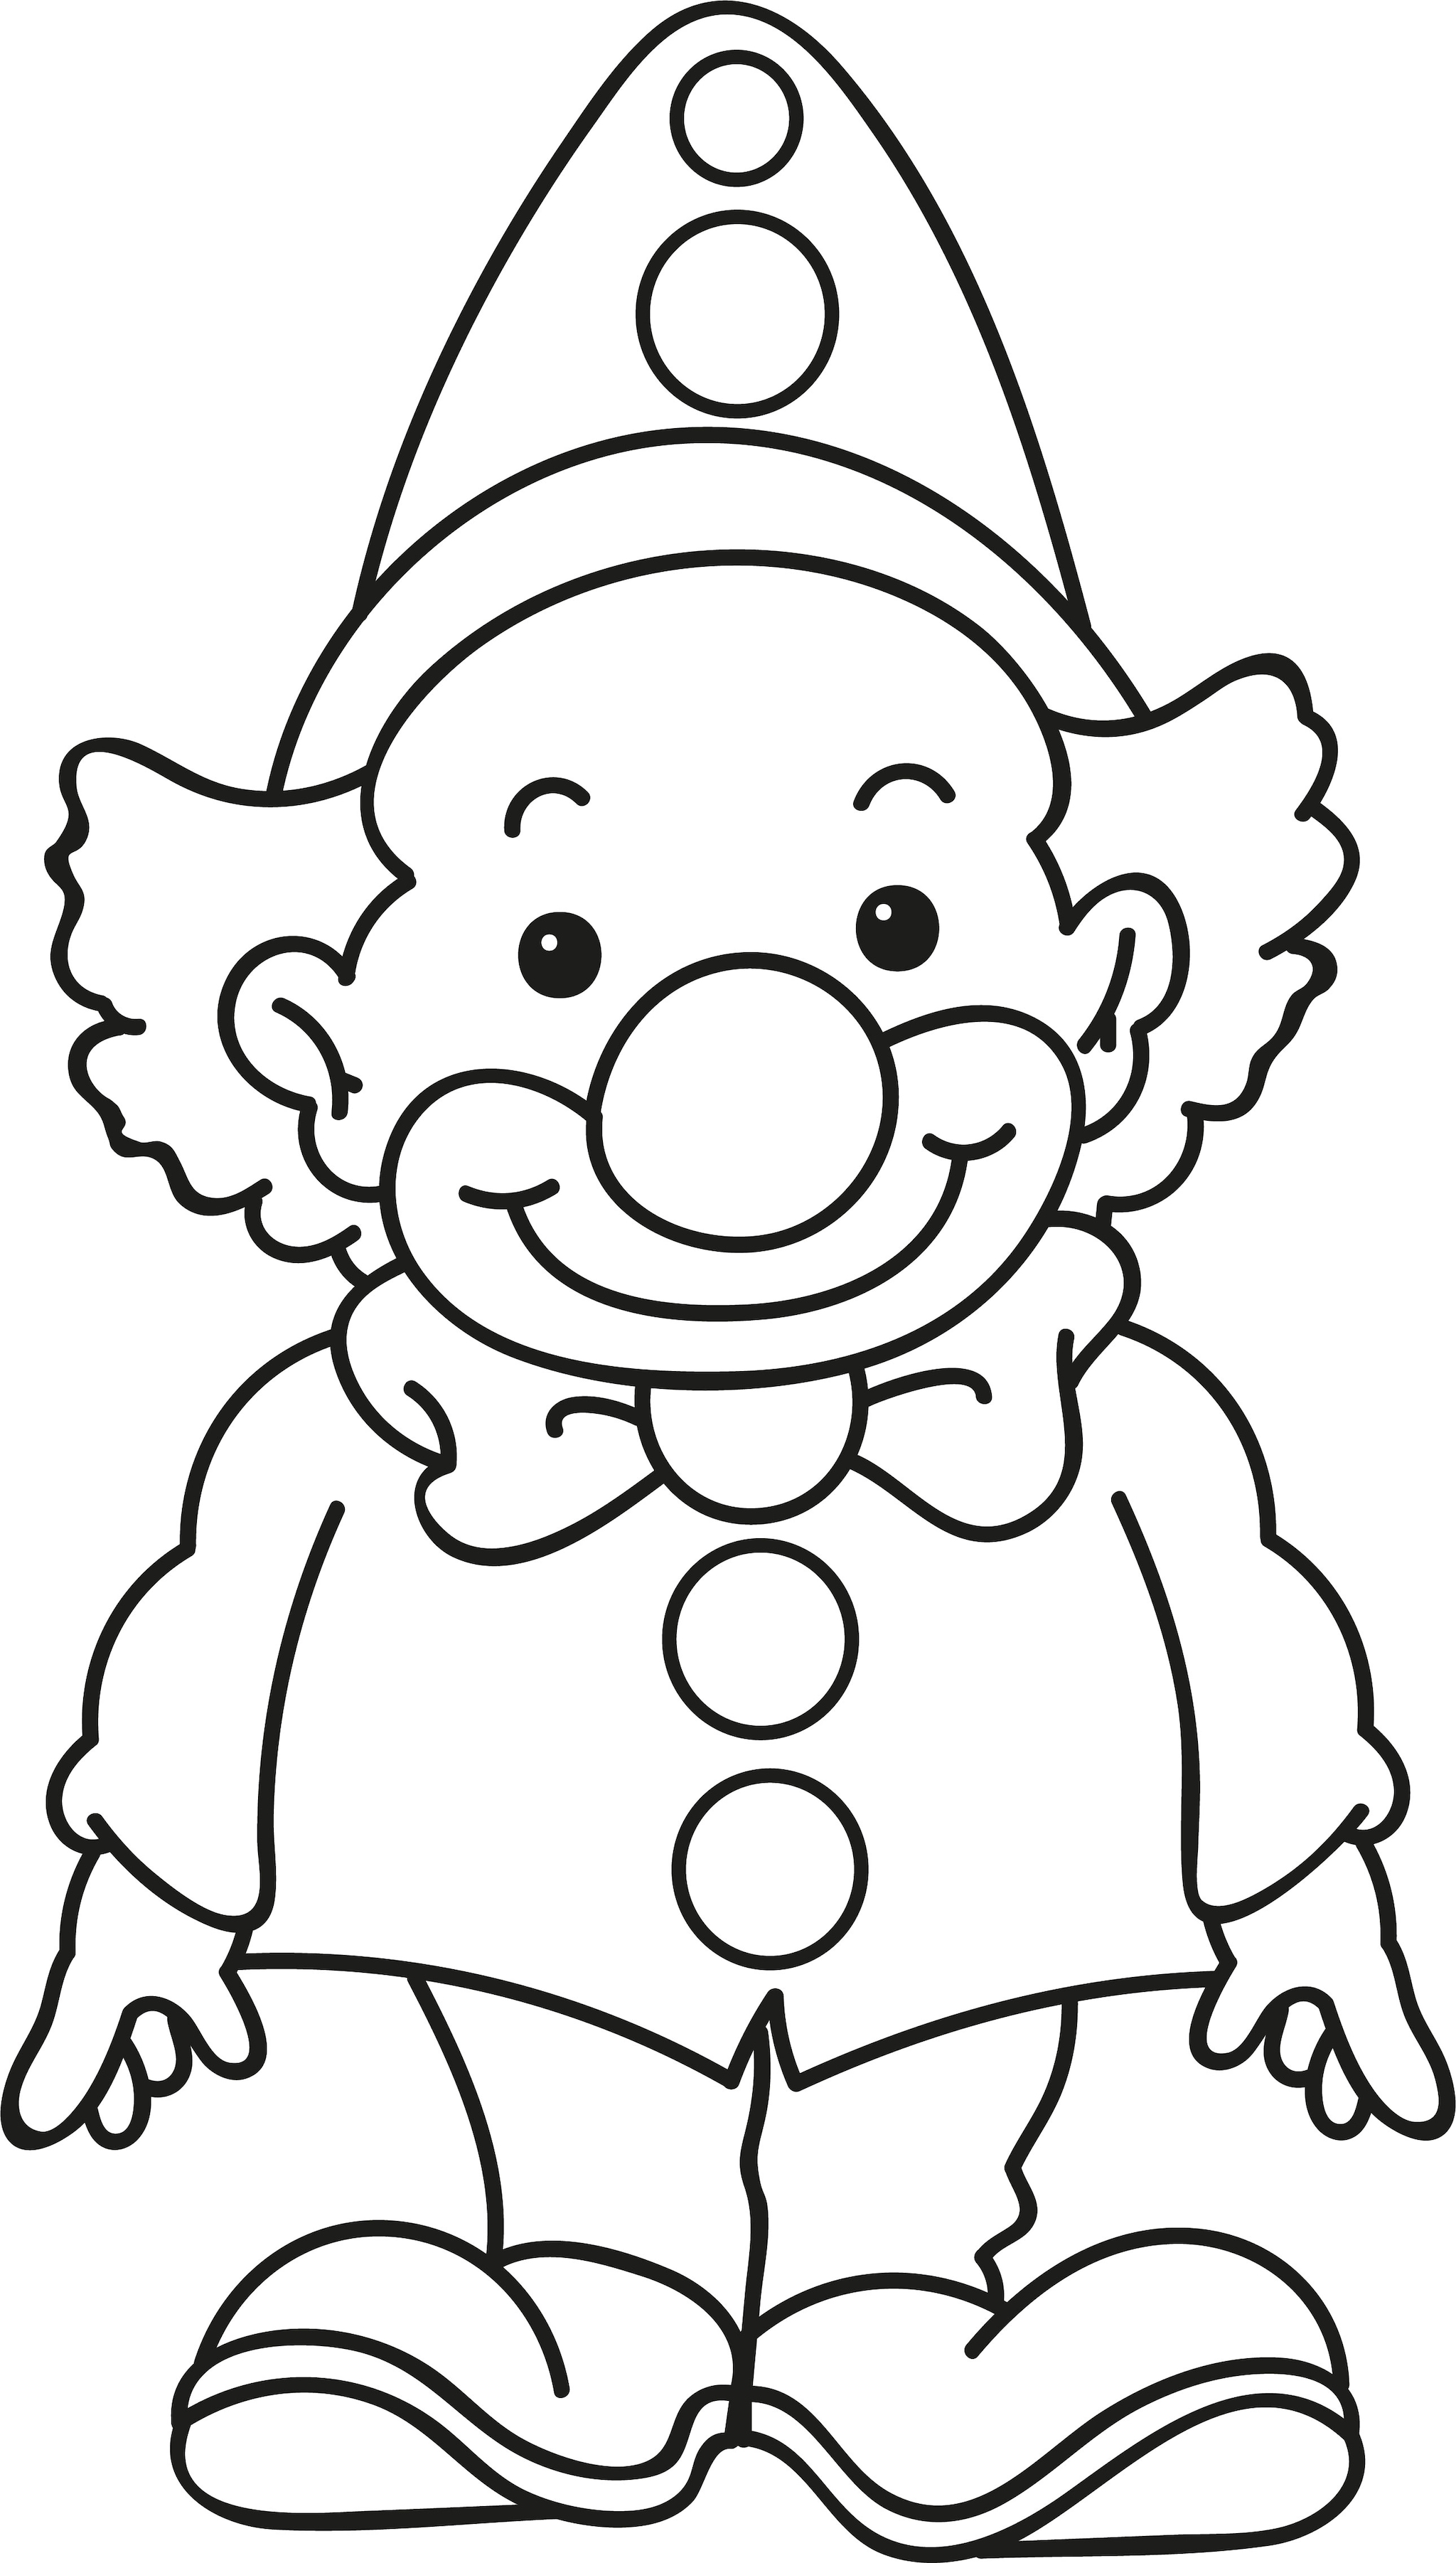 Disegno Di Brighella Stilizzato Da Colorare Per Bambini Primaria